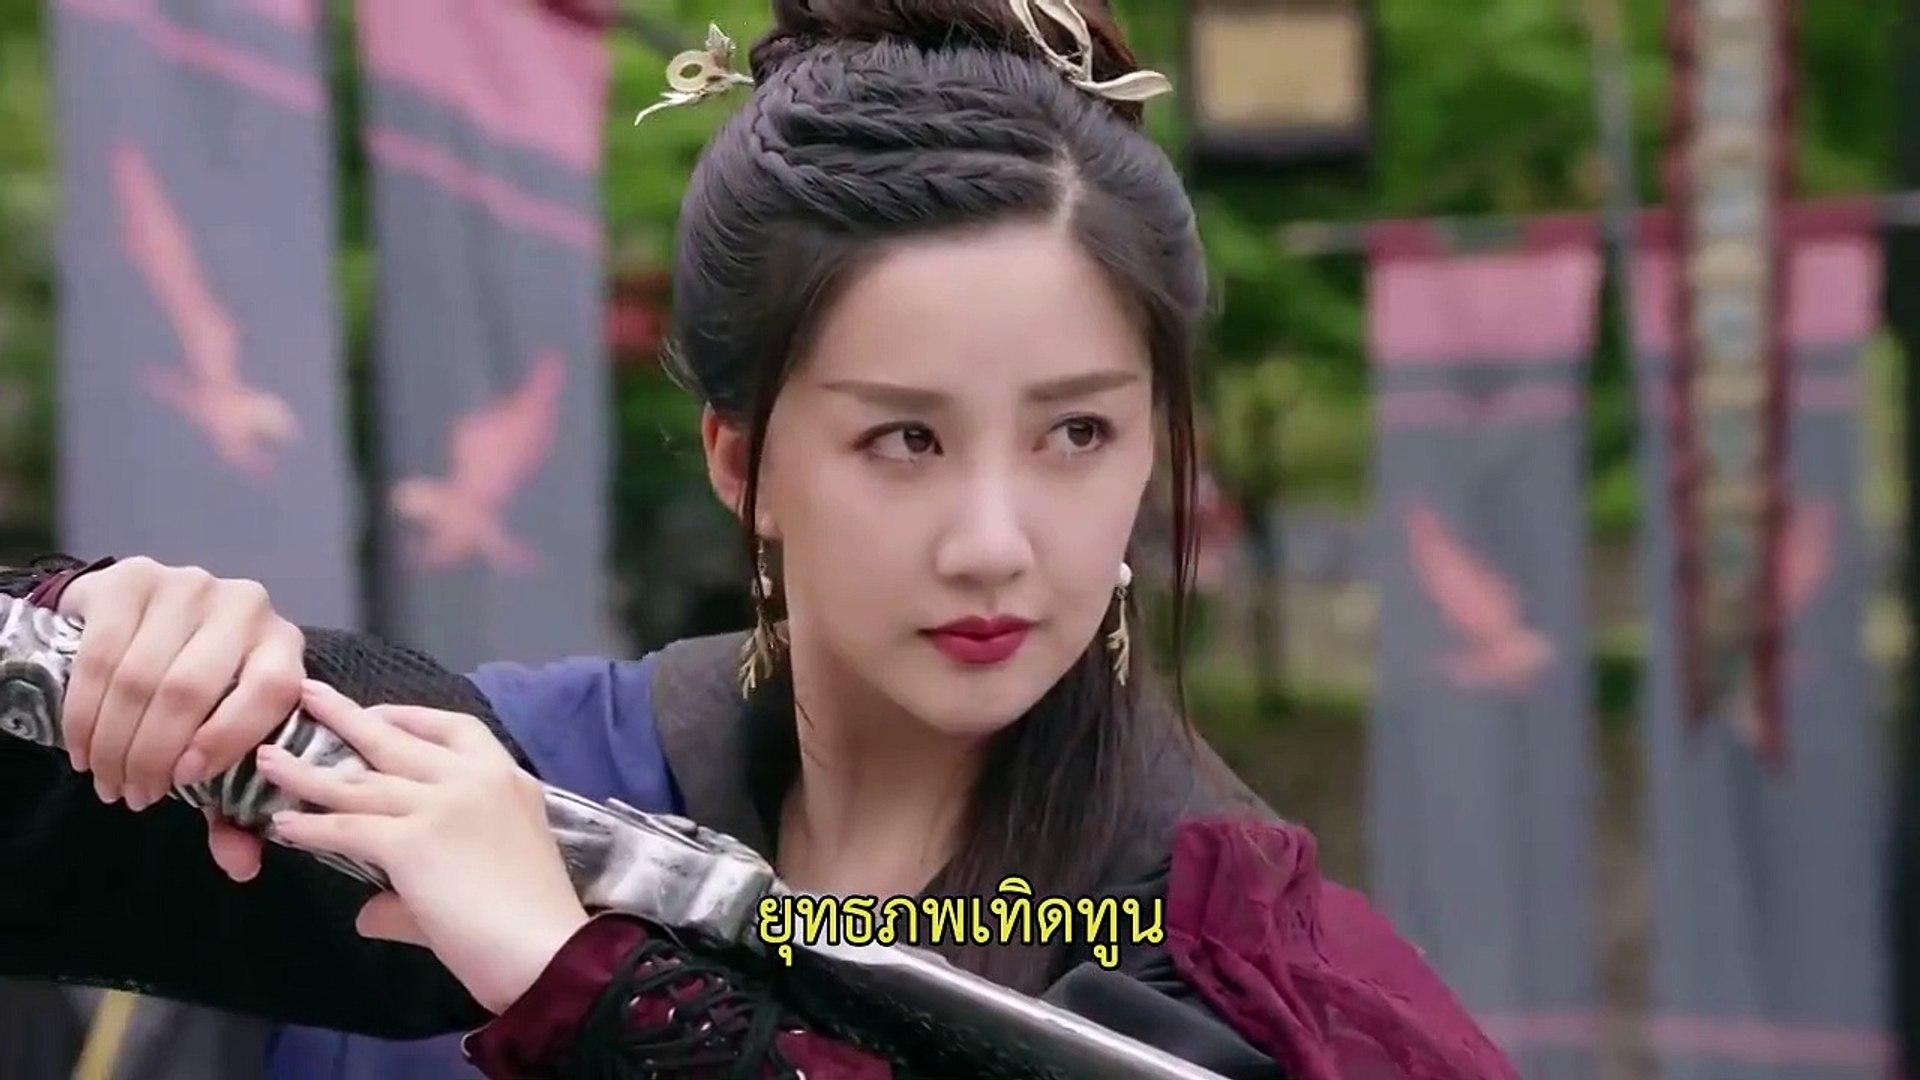 ดาบมังกรหยก 2019 (มังกรหยกภาค 3) ซับไทย ตอนที่ 2